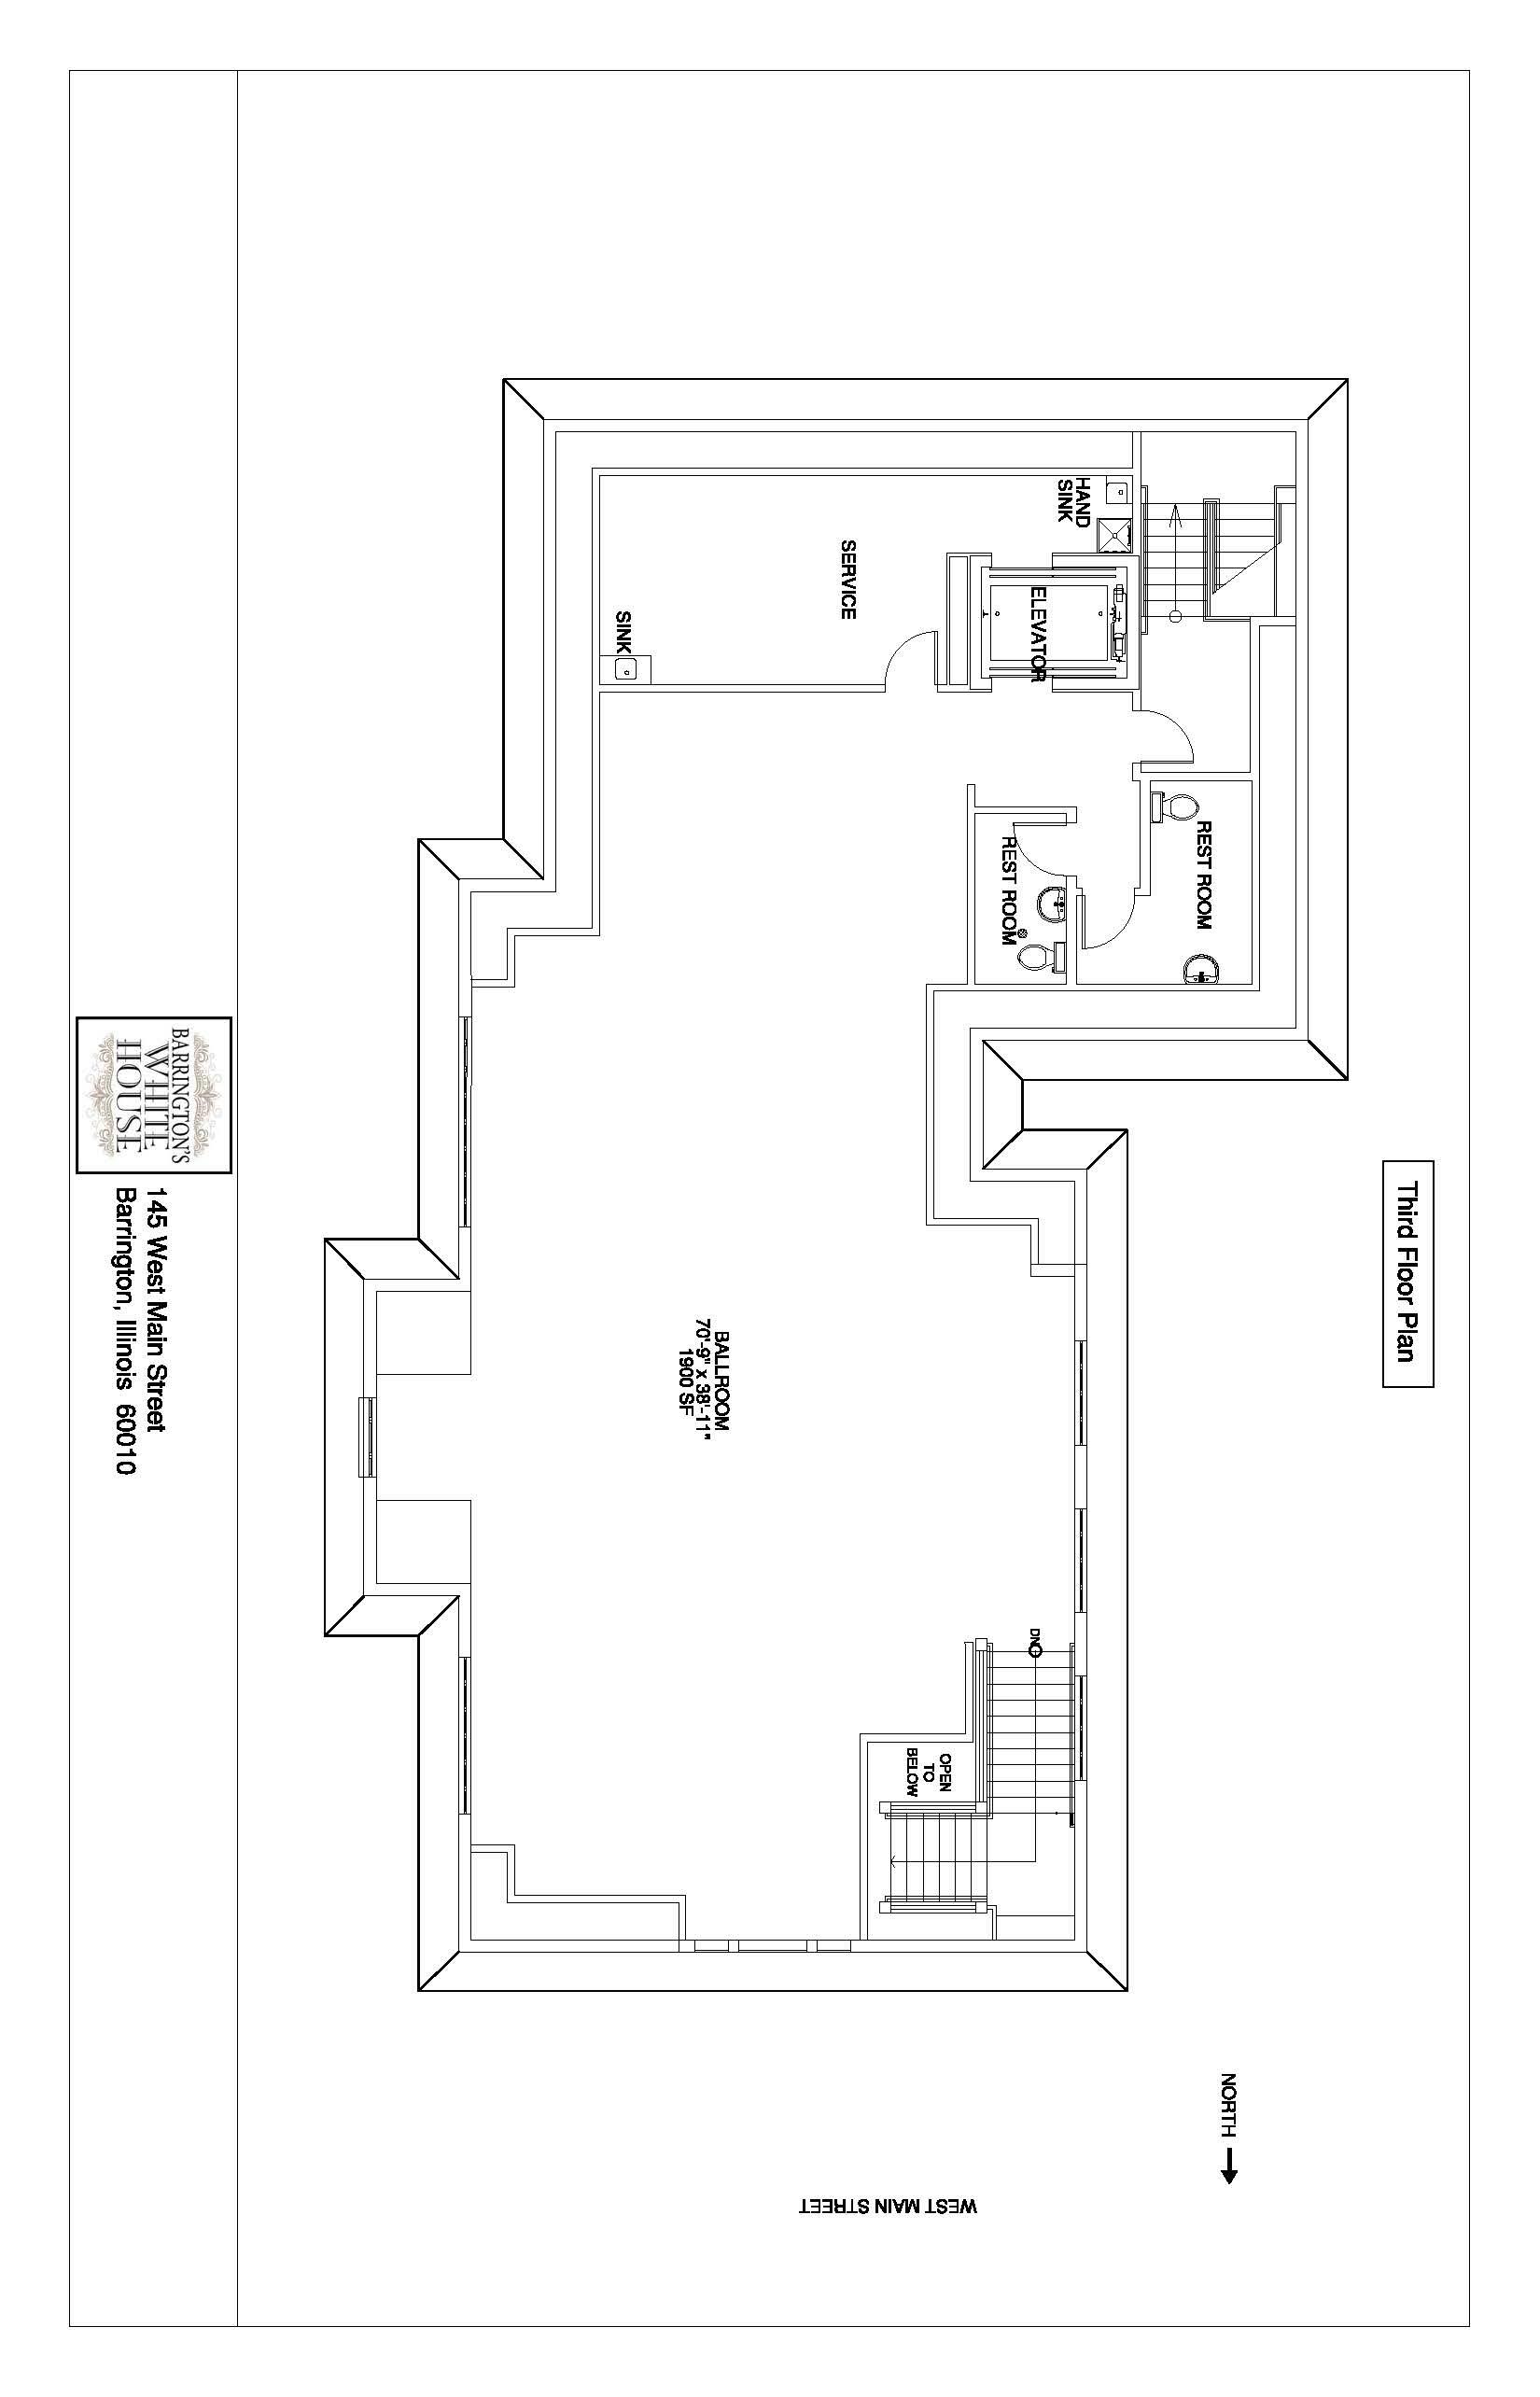 floor plans for barrington u0027s white house barrington u0027s white house